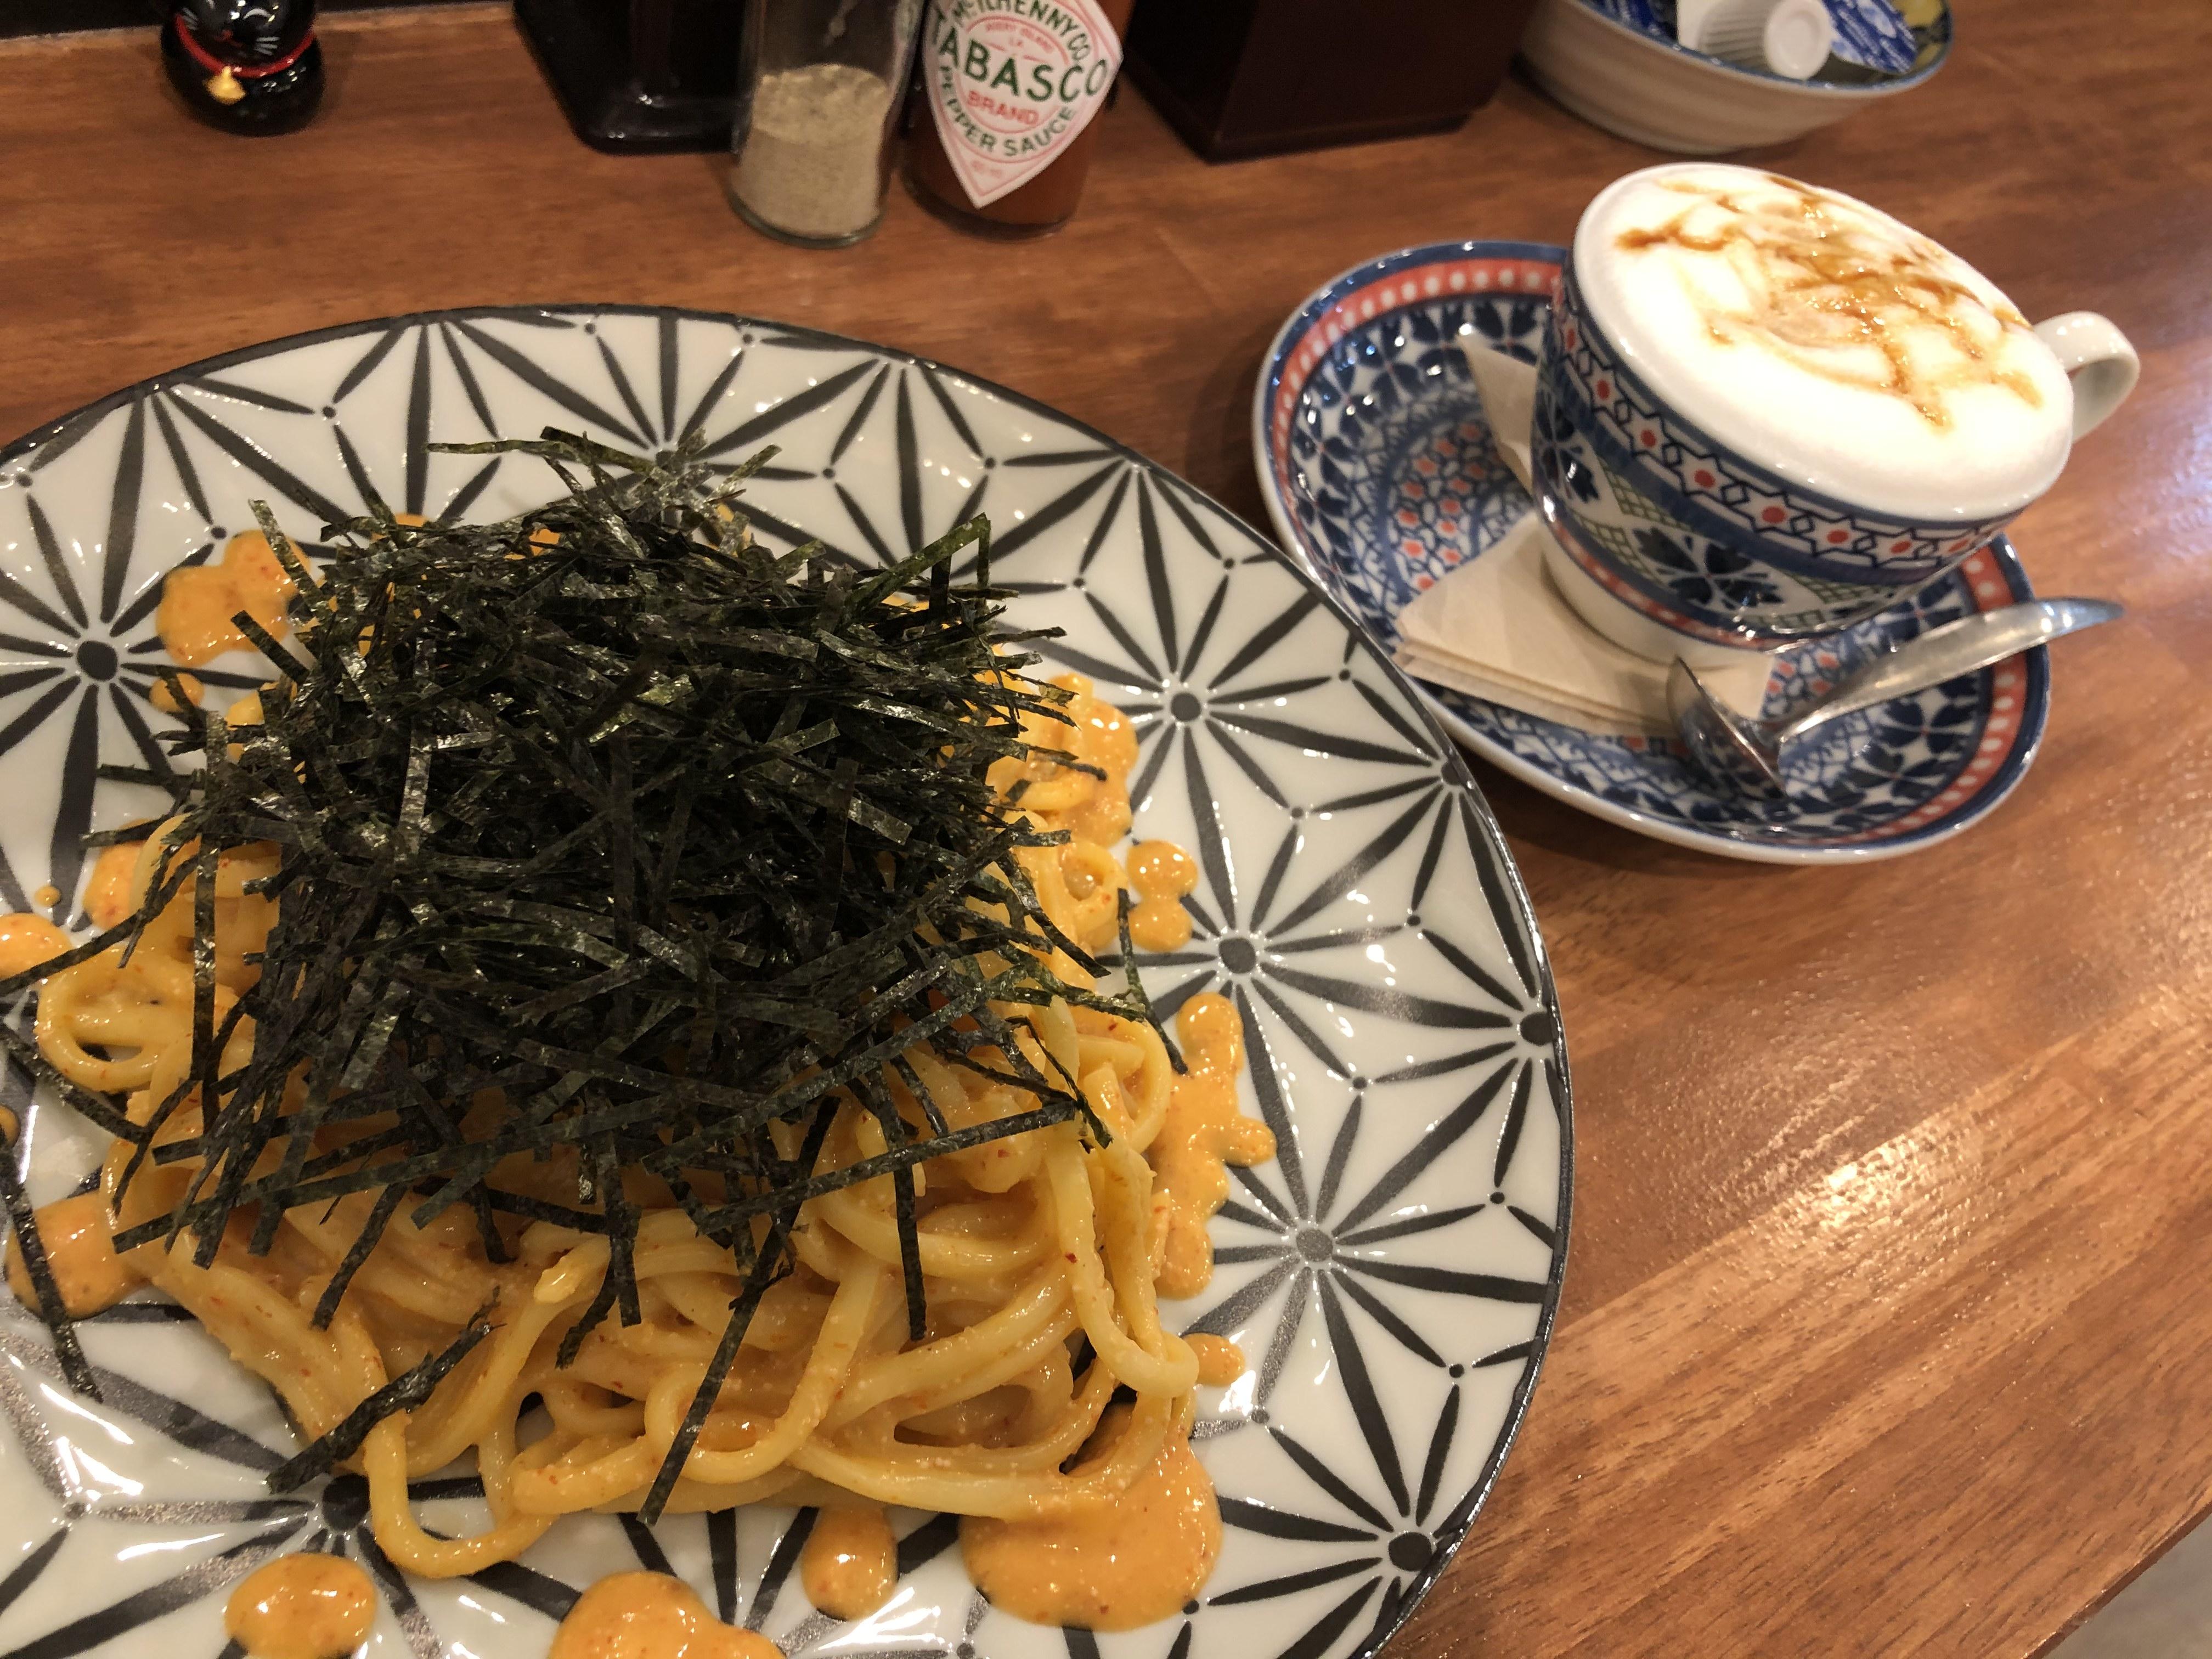 麺テイスティング・カフェショップ MENSTAカフェコーナー クリーミー明太子